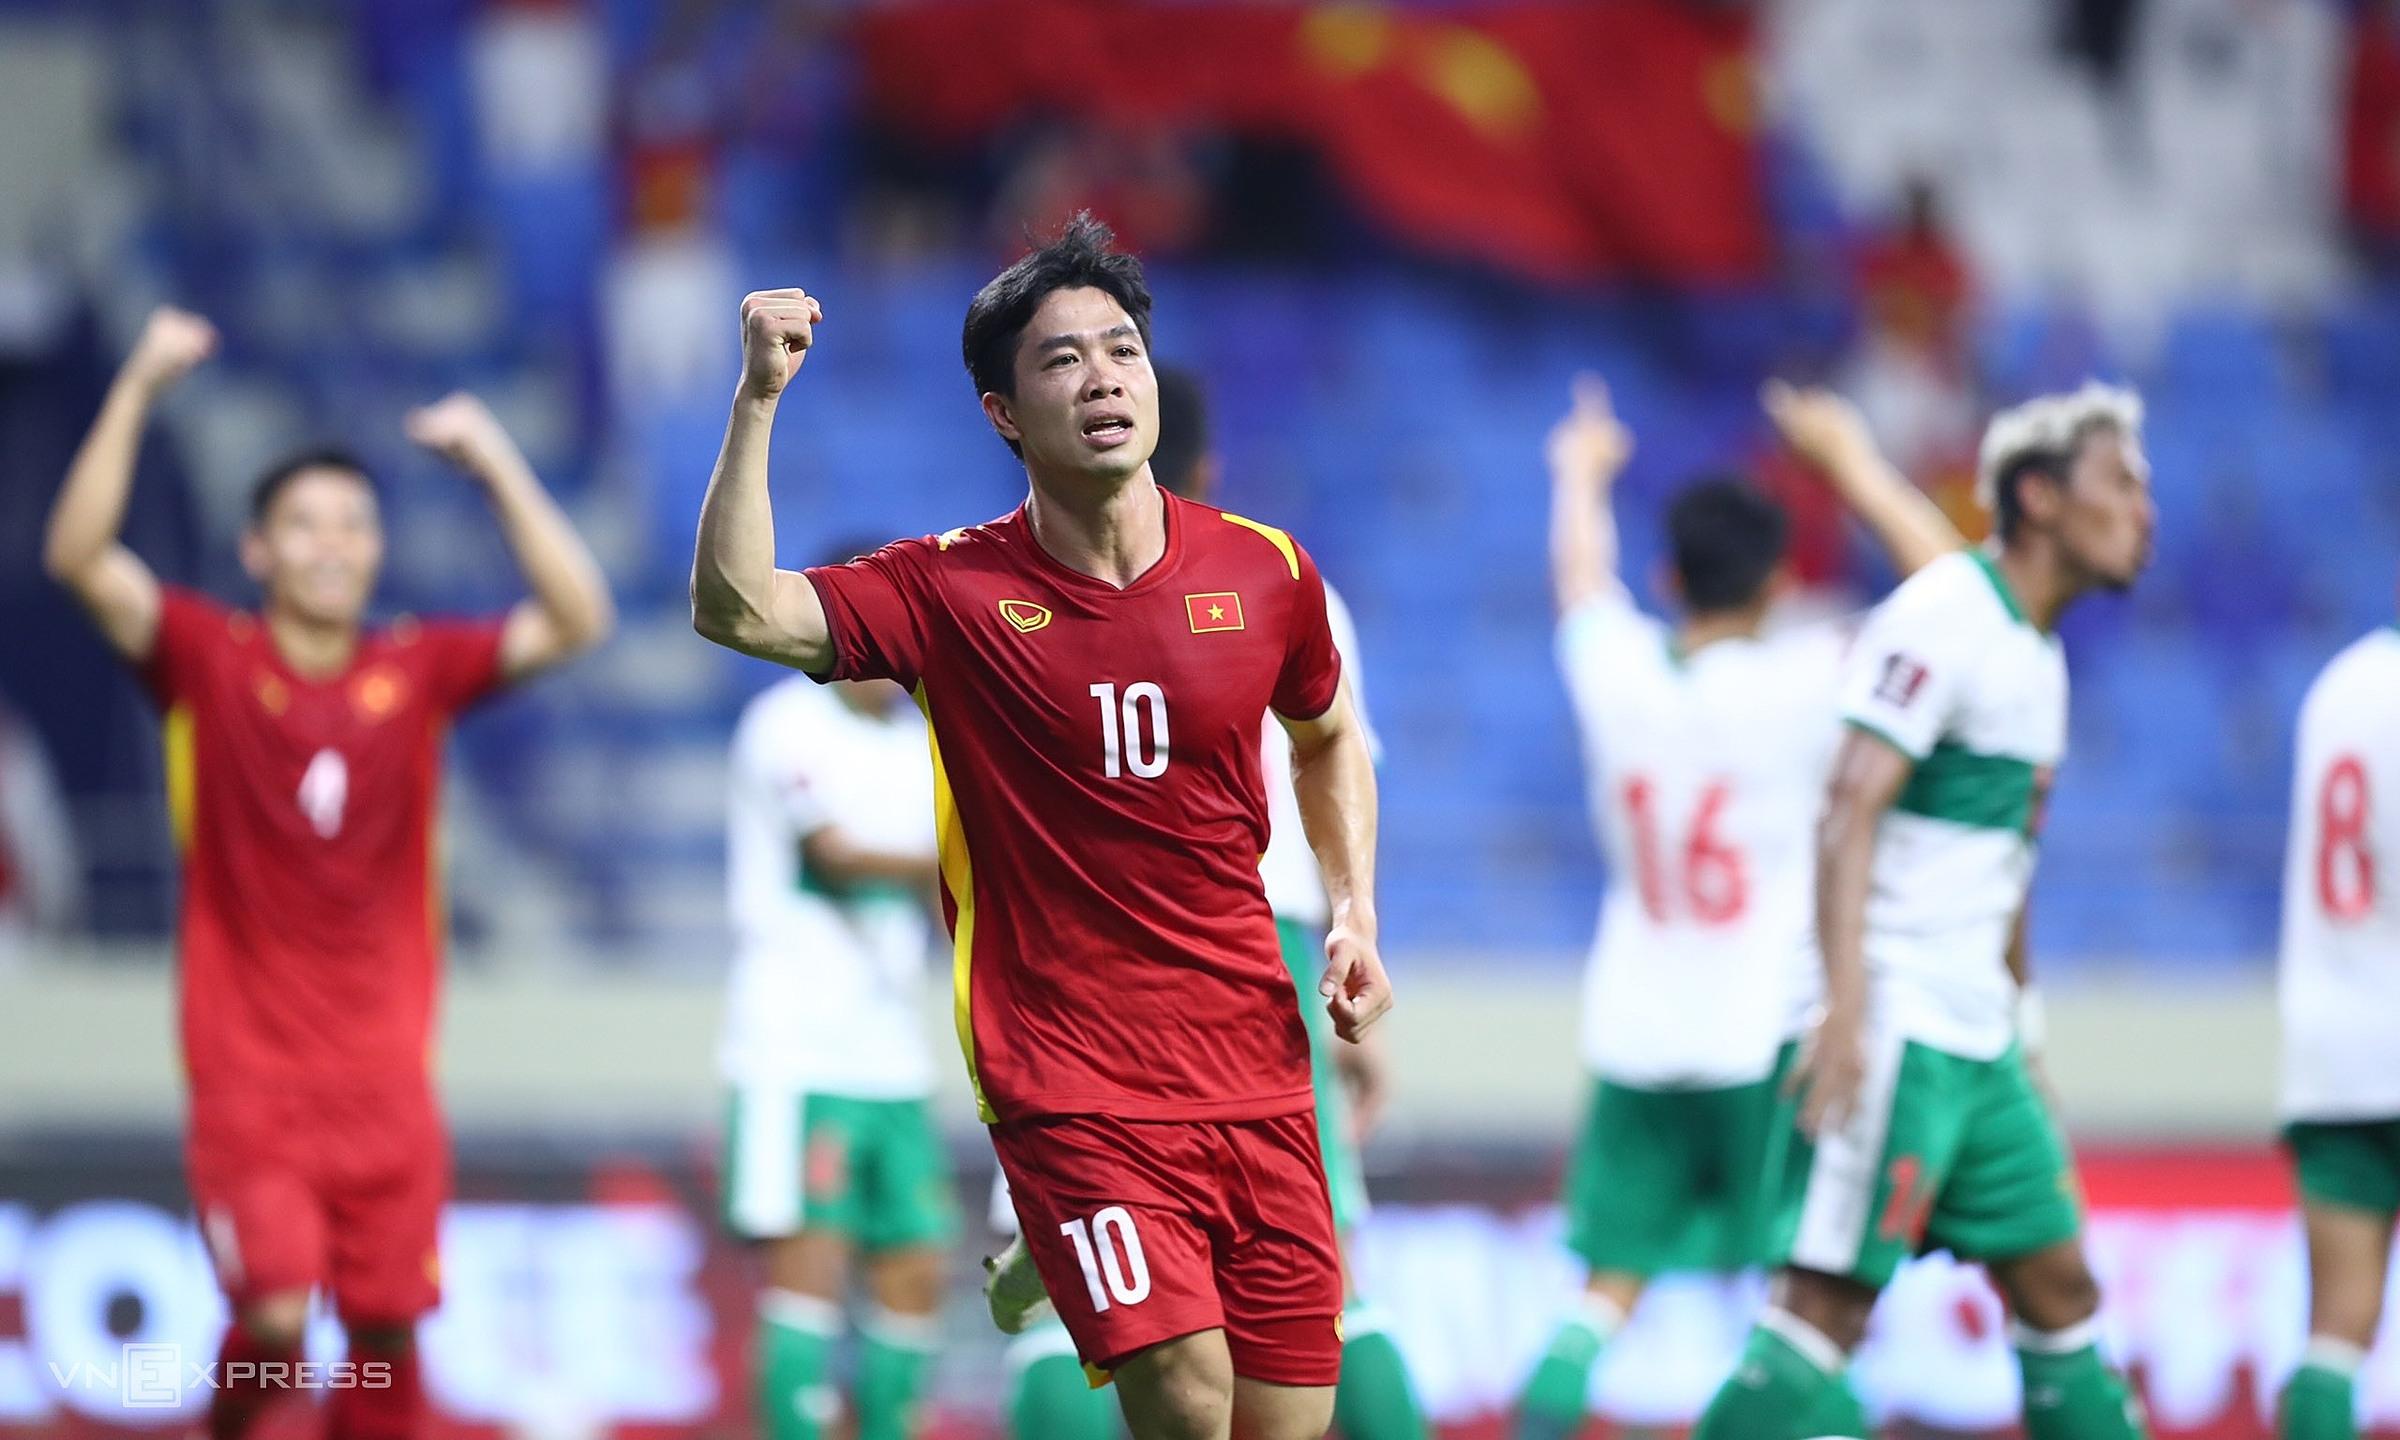 Tiền đạo Nguyễn Công Phượng mừng sau khi ghi bàn nâng tỷ số lên 3-0 cho Việt Nam trong trận thắng Indonesia 4-0 trên sân Al Marktoum hôm 7/6. Ảnh: Lâm Thoả